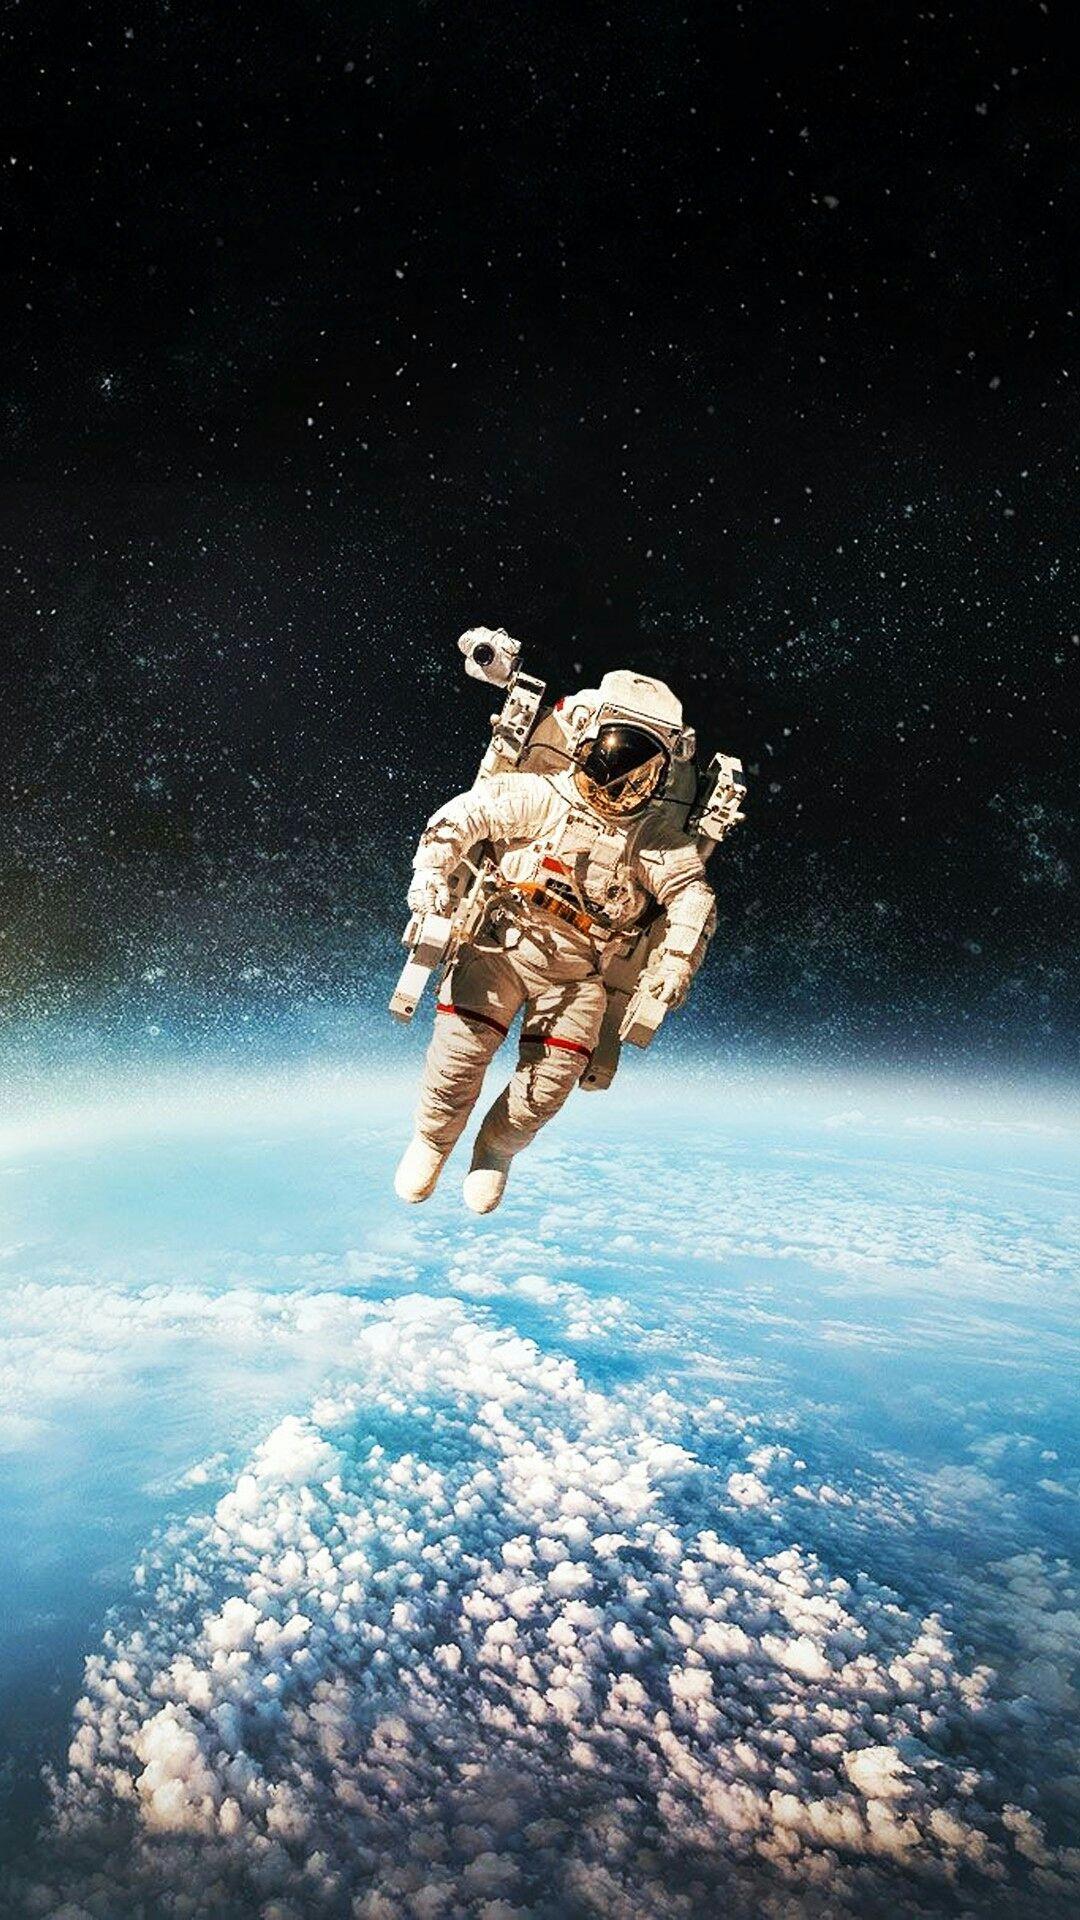 бросил картинка космос и человек вертикально объединяются почве